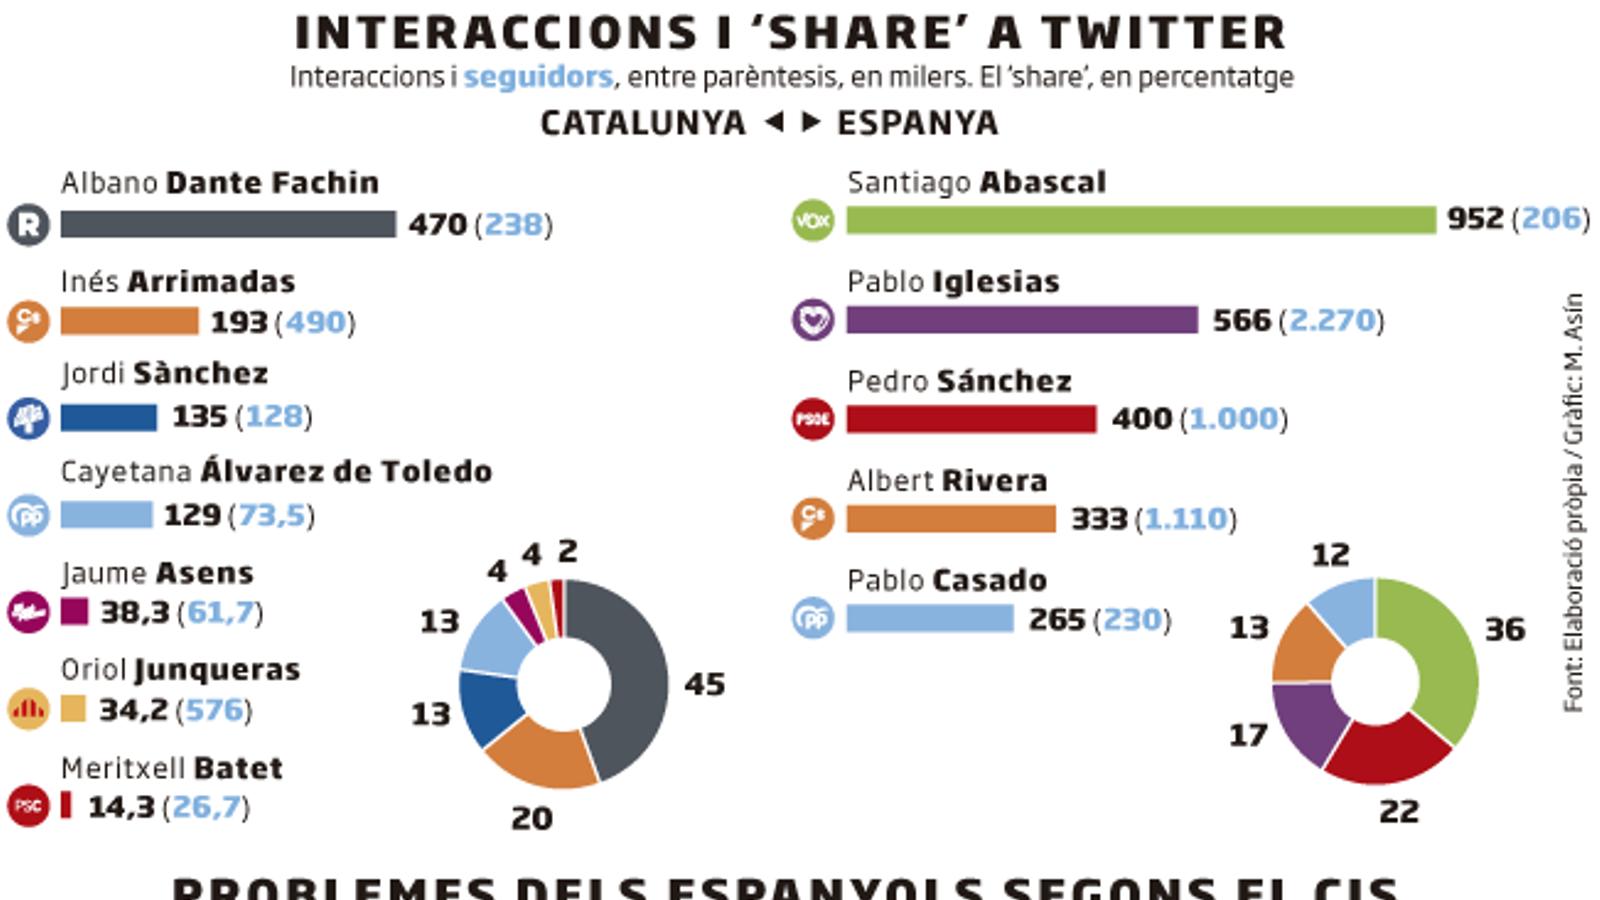 Abascal i Fachin, els candidats més sorollosos a Twitter